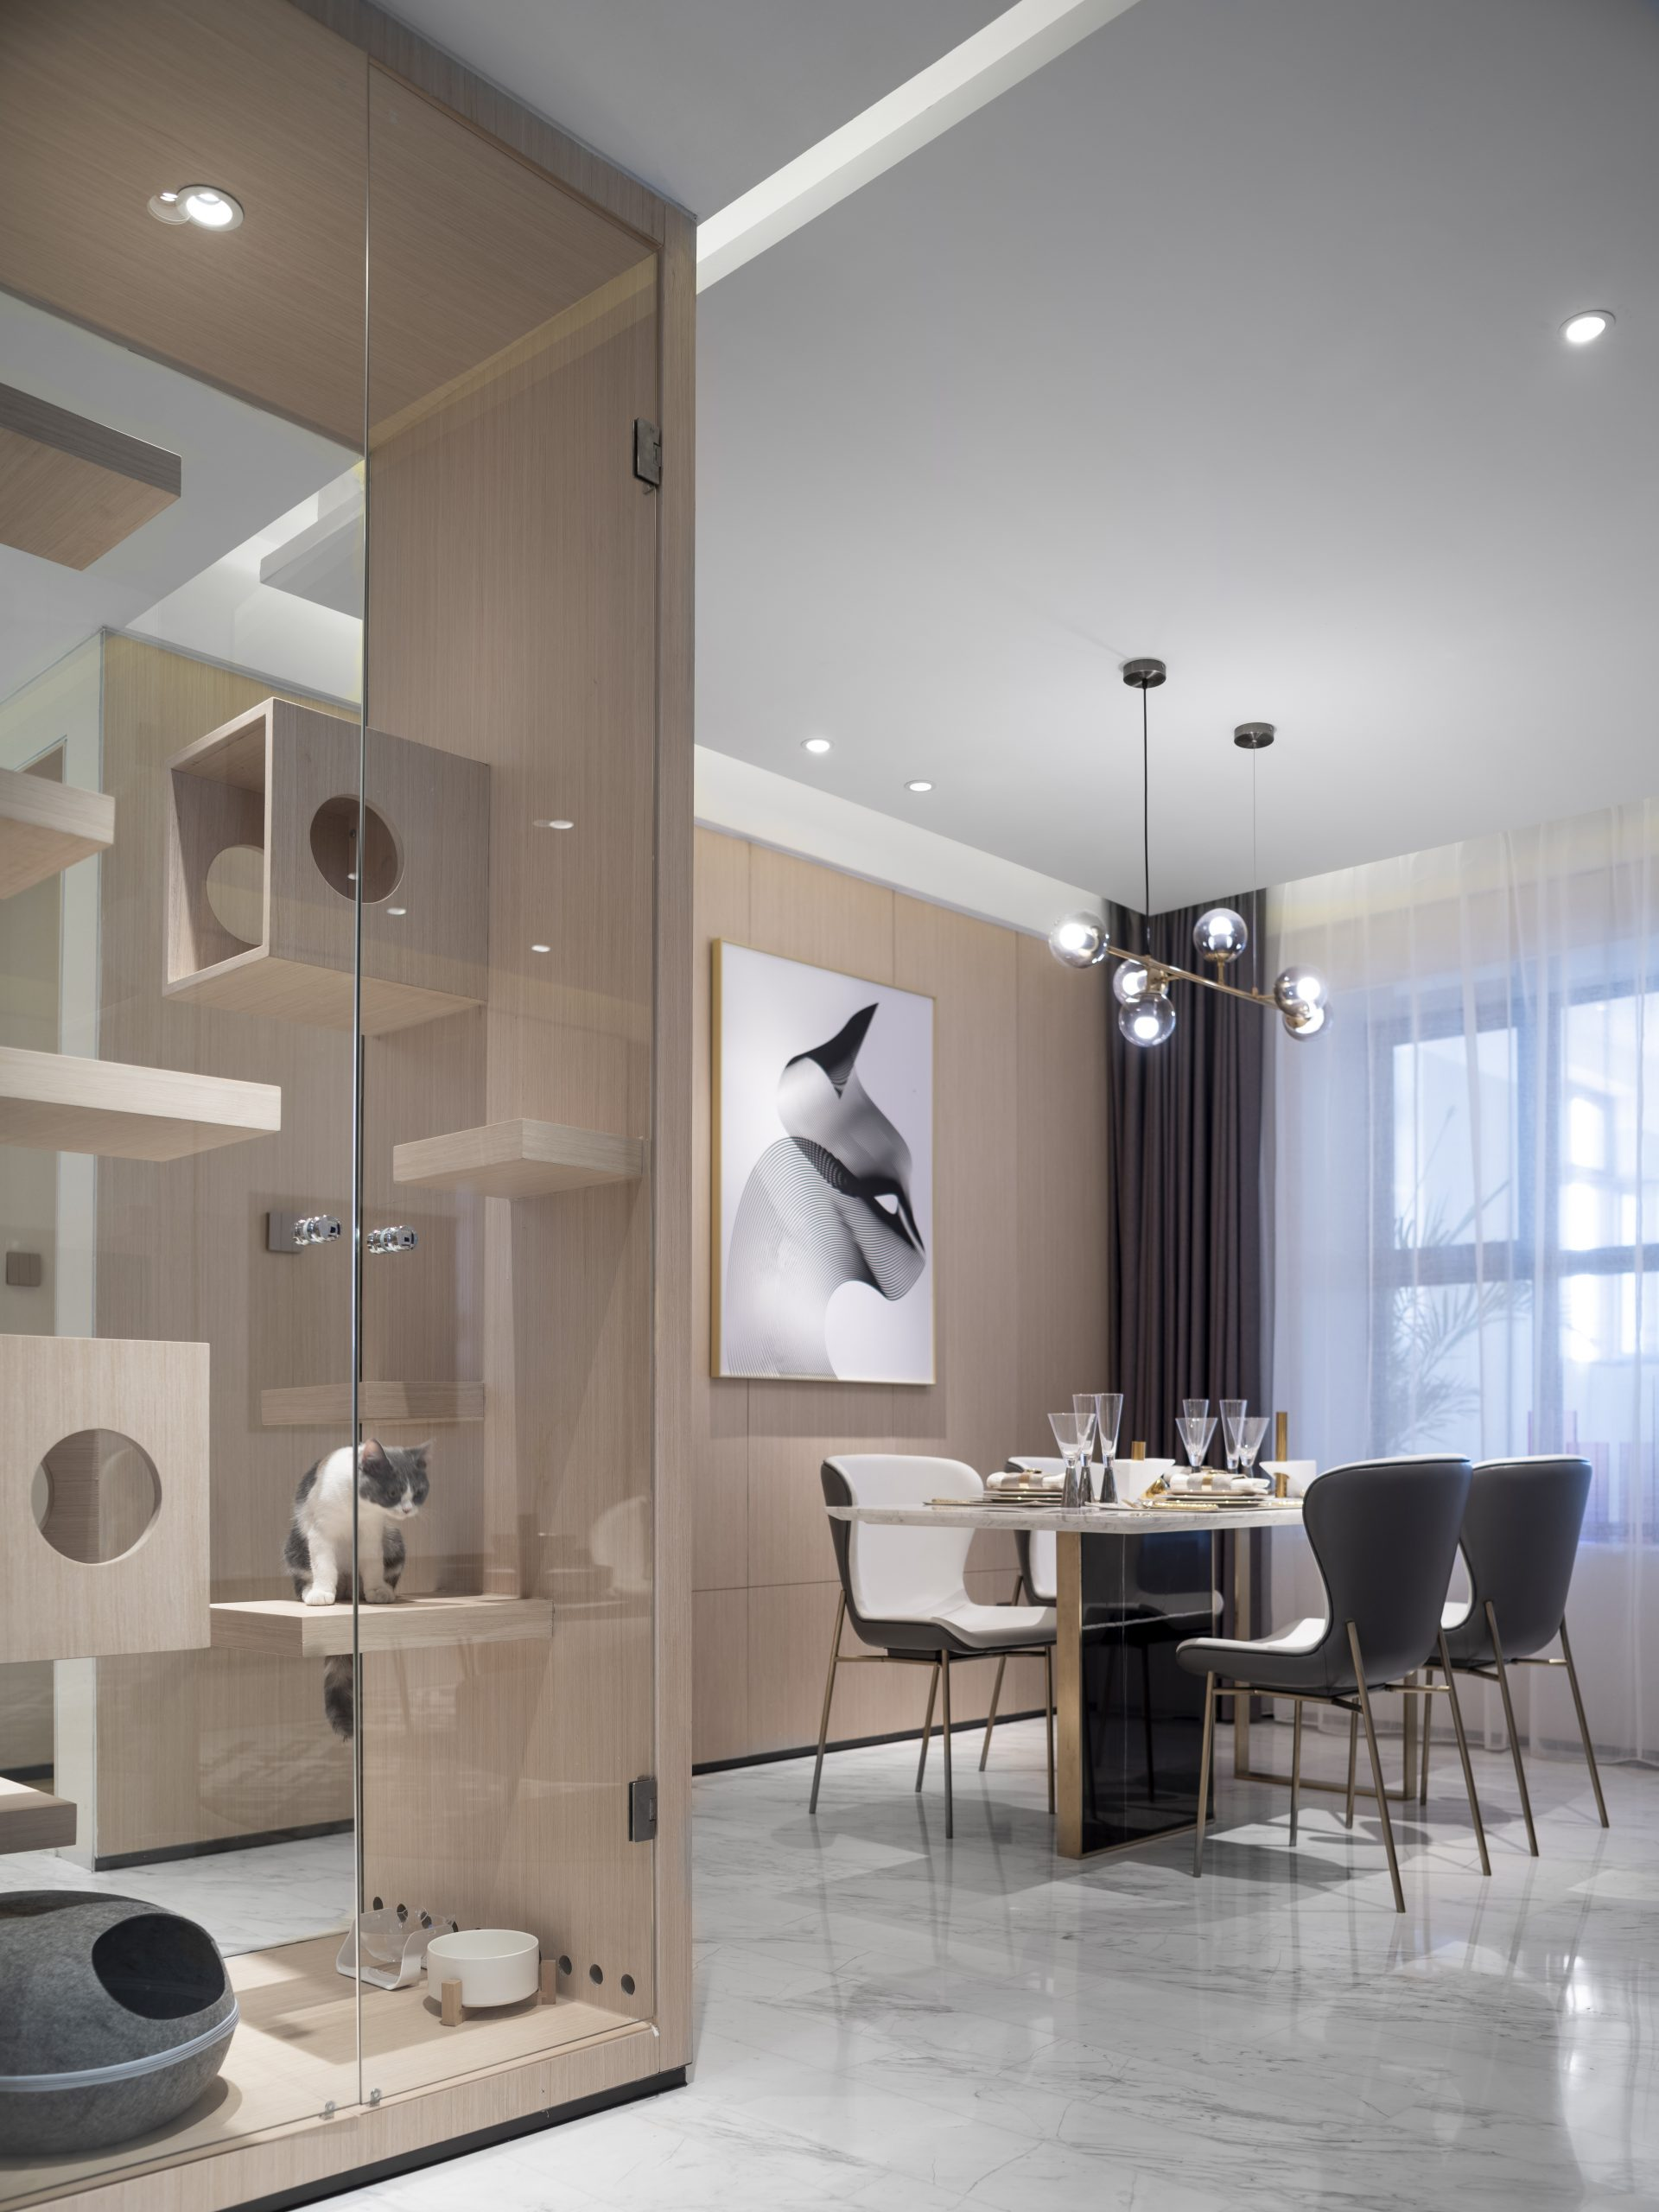 Fantasia Model Room in Tianjin 花样年天津样板间